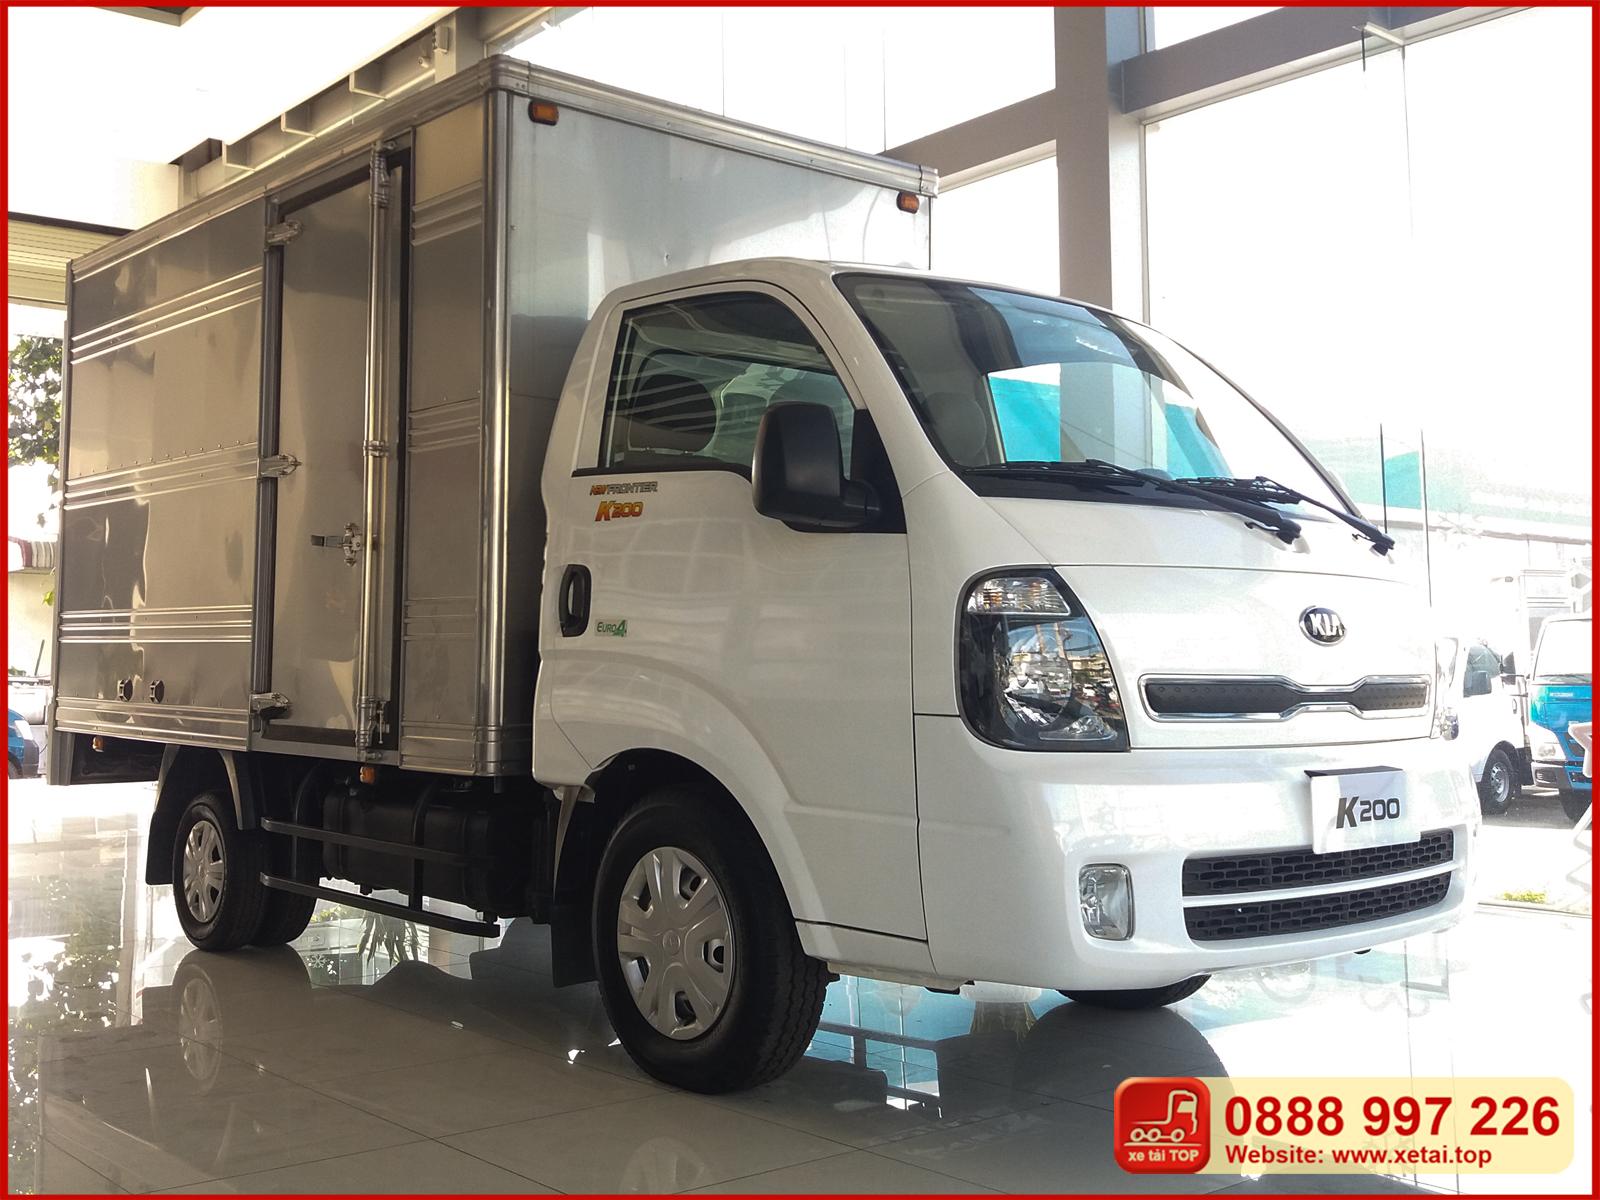 xe-tải-kia-thaco-k200-thùng-kín-tải-trọng-1t9